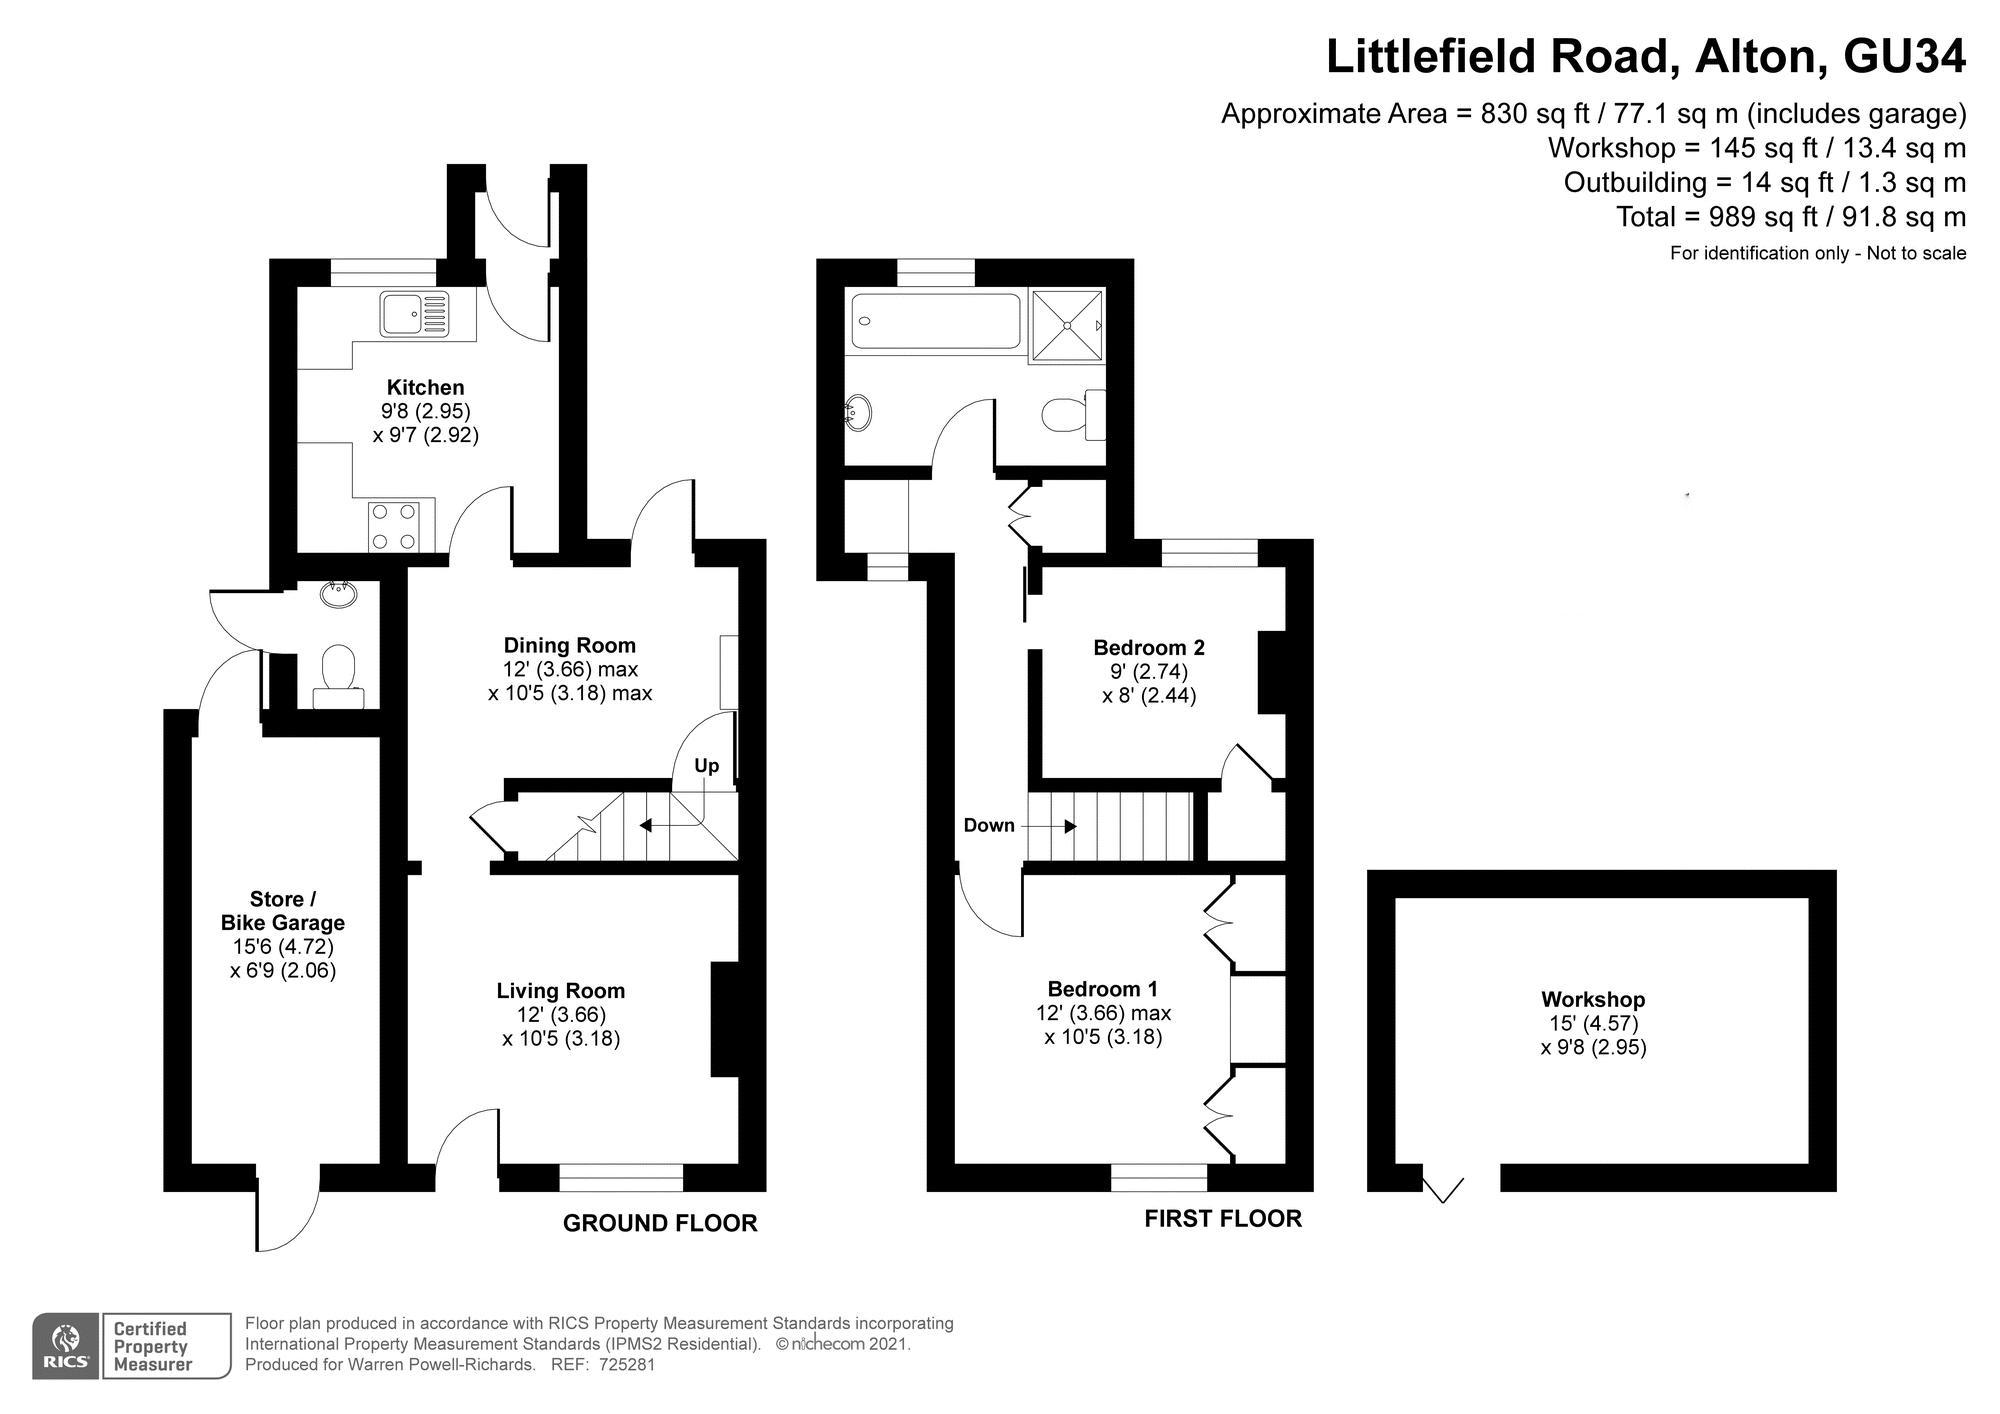 Littlefield Road